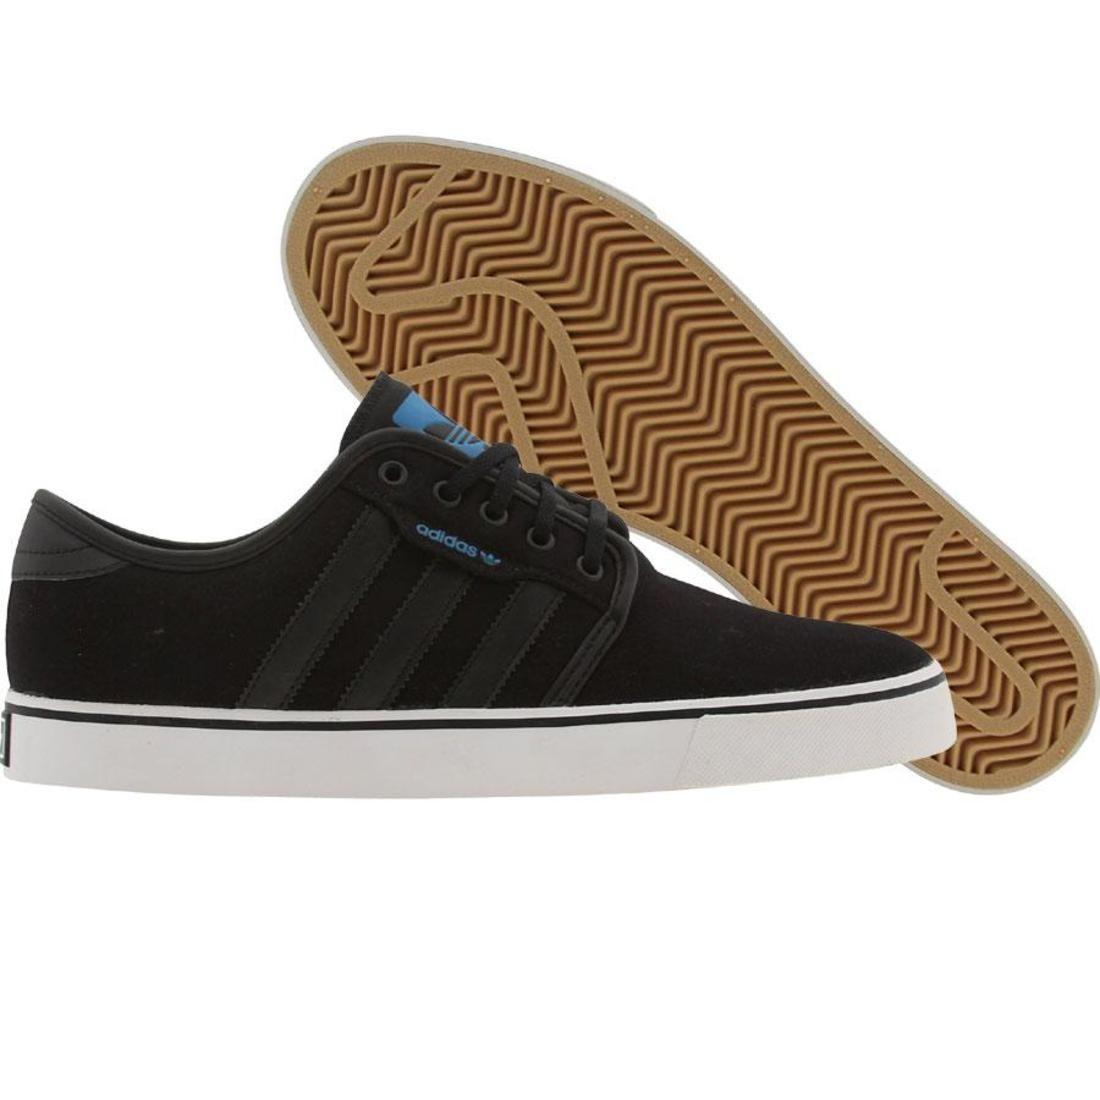 【海外限定】アディダス スケート メンズ靴 スニーカー 【 ADIDAS SKATE SEELEY BLACK CRAYON BLUE 】